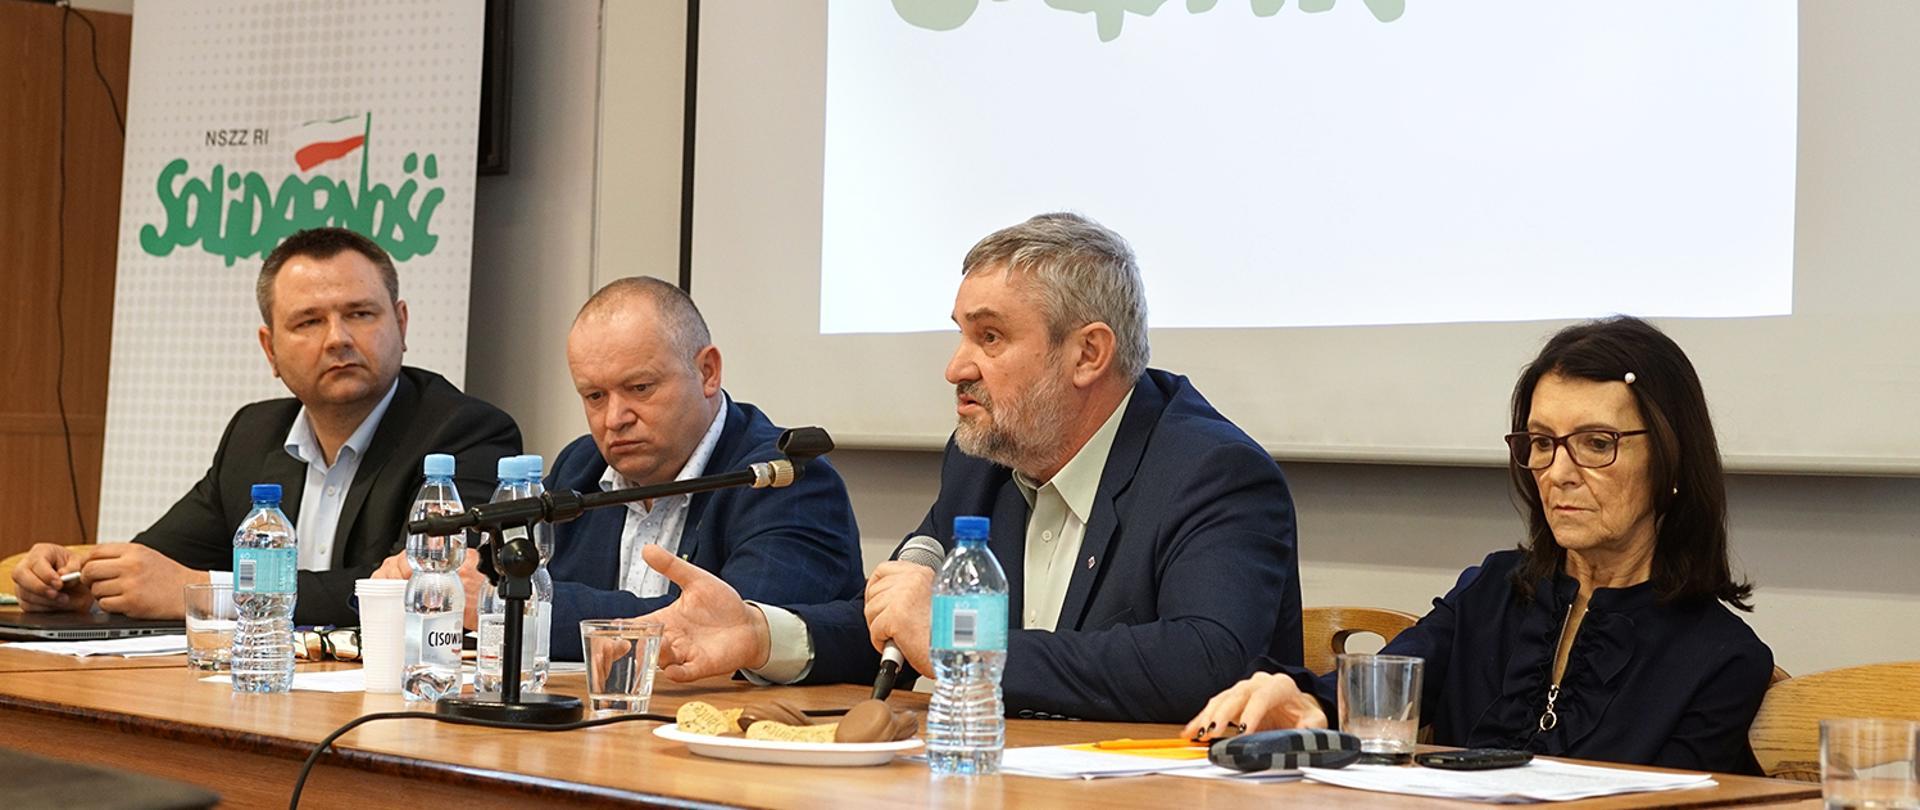 Min. J.K. Ardanowski podczas spotkania ze związkowcami